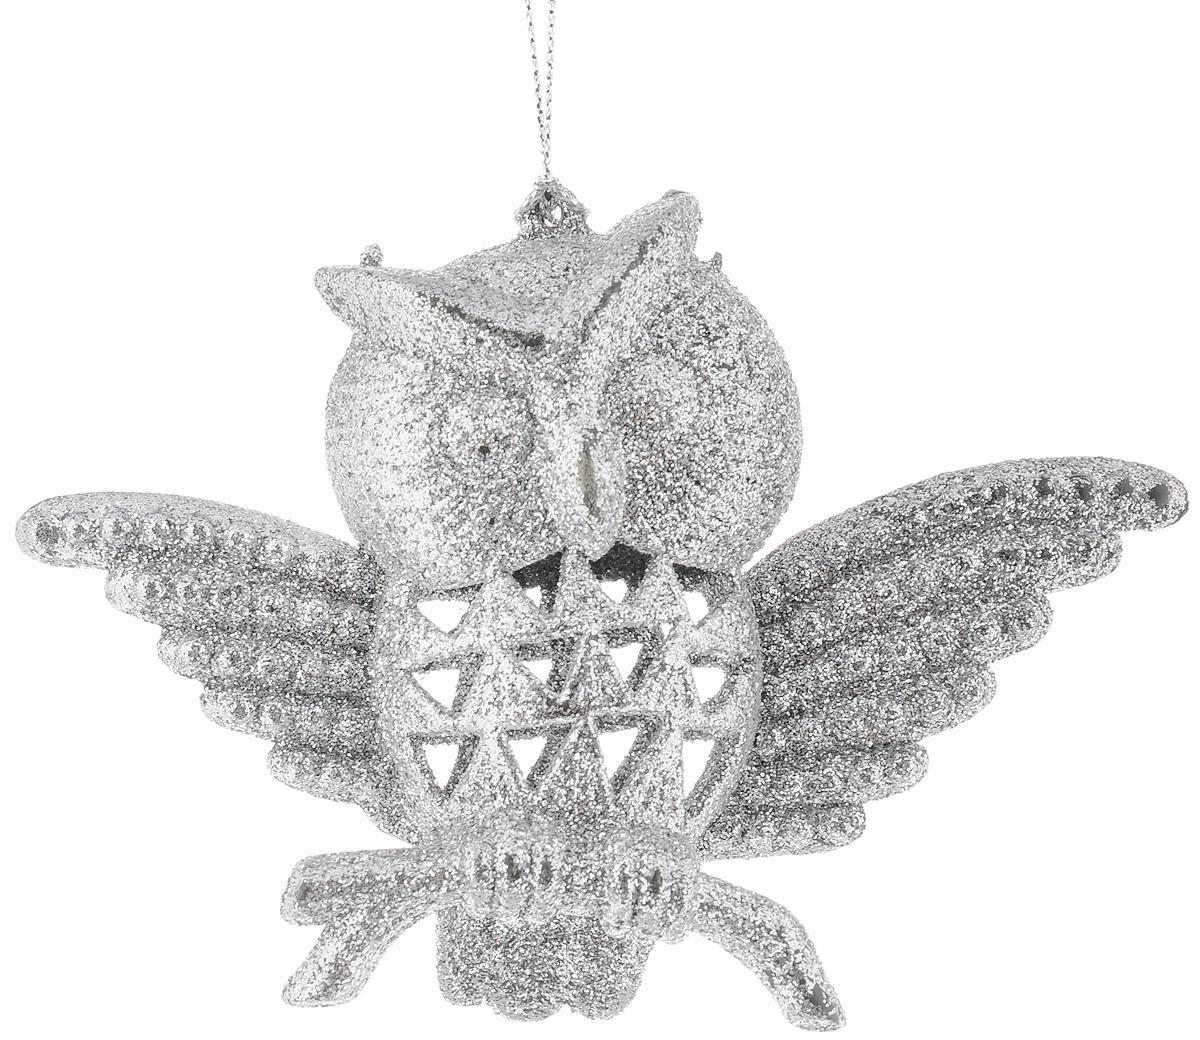 Украшение новогоднее подвесное Magic Time Сова в серебряном, высота 90 см38711Новогоднее украшение Magic Time Сова в серебряном отлично подойдет для декорации вашего дома и новогодней ели. Изделие, выполненное из пластика, декорировано блестками и оснащено специальной петелькой для подвешивания.Елочная игрушка - символ Нового года. Она несет в себе волшебство и красоту праздника. Создайте в своем доме атмосферу веселья и радости, украшая всей семьей новогоднюю елку нарядными игрушками, которые будут из года в год накапливать теплоту воспоминаний.Размер украшения: 14 х 9 х 5 см.